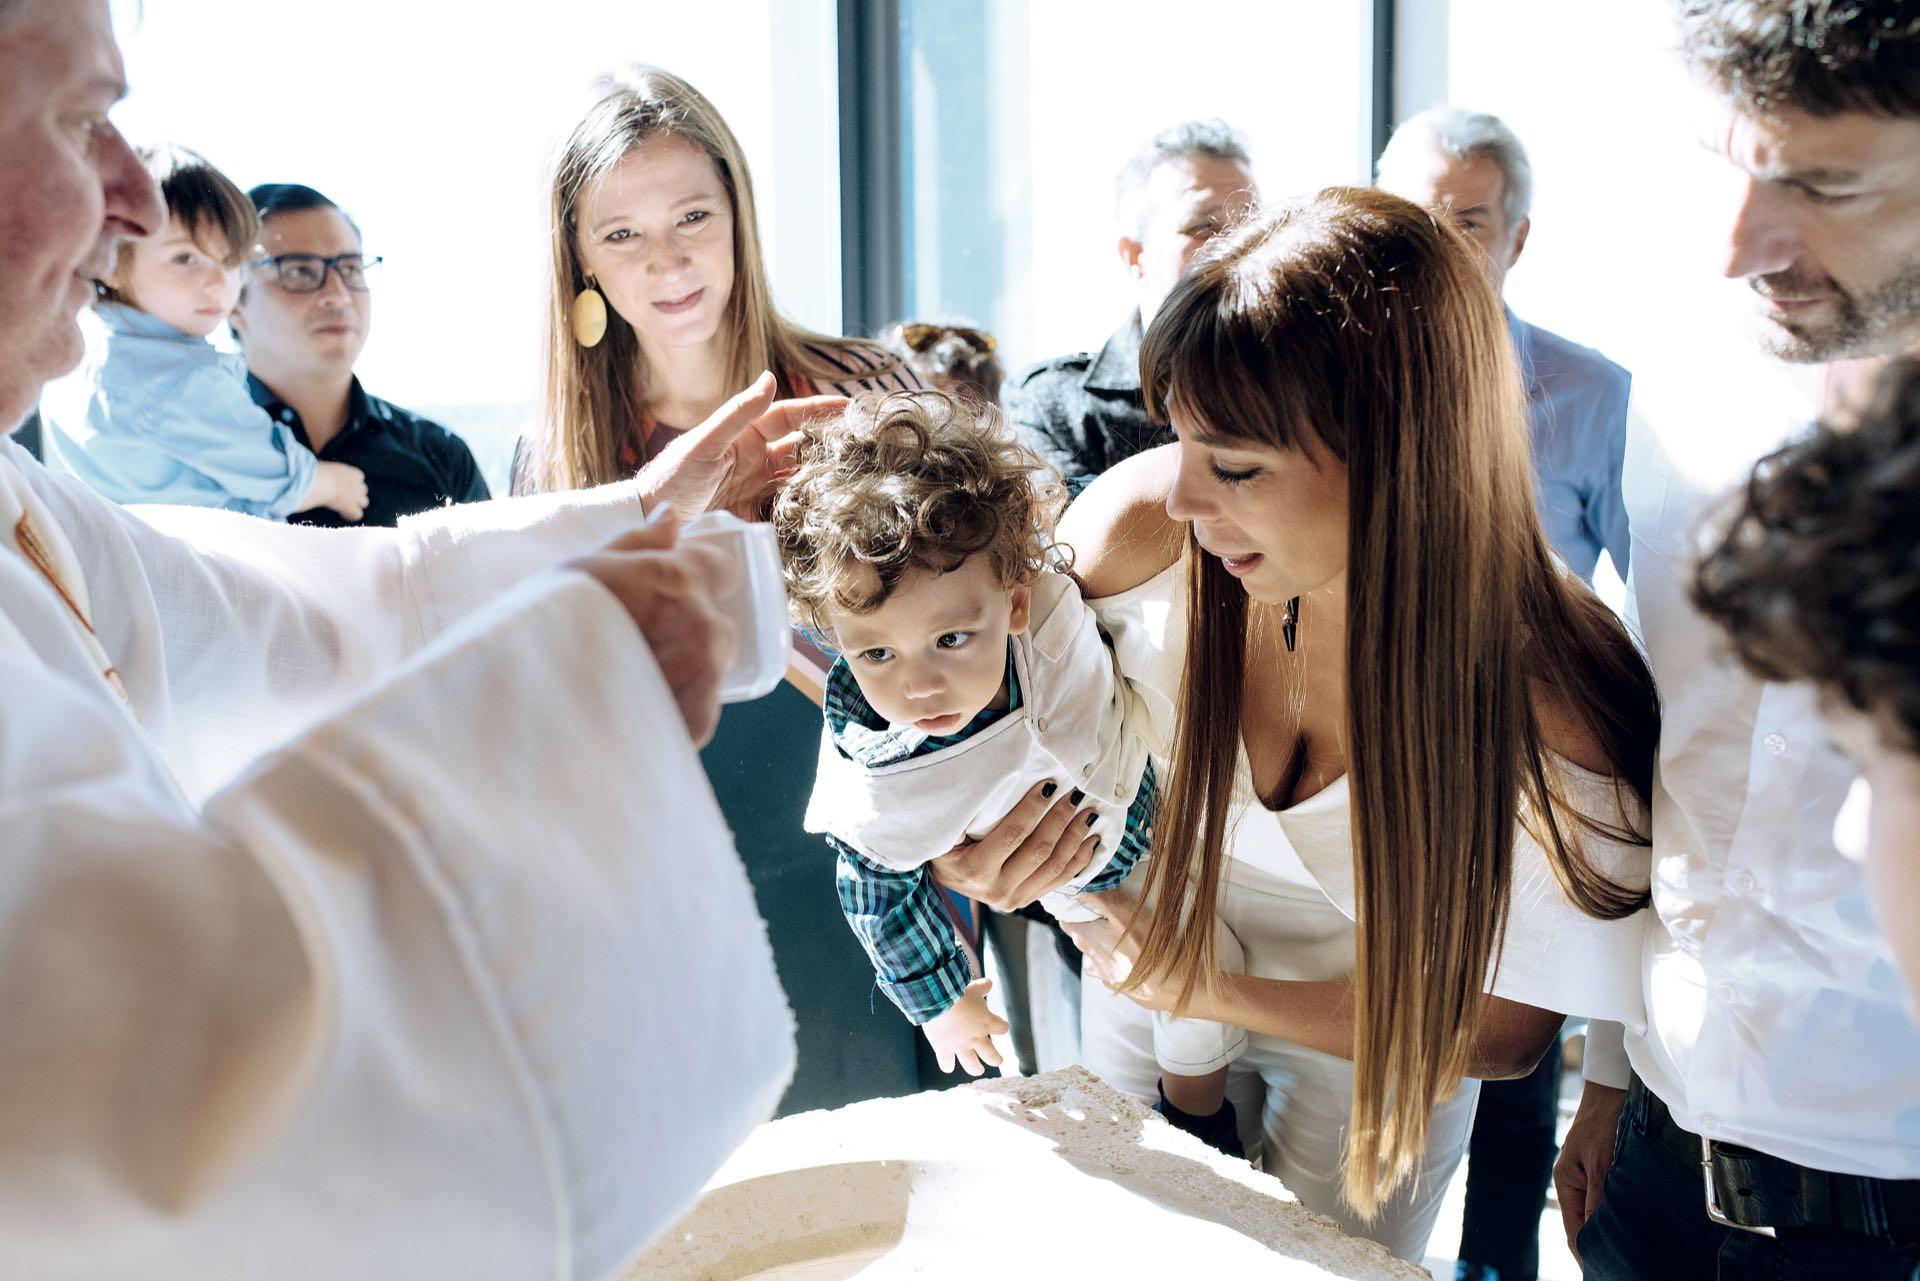 El padre Damián unge al niño, en brazos de su madre Ximena, bajo la mirada de su papá y su madrina